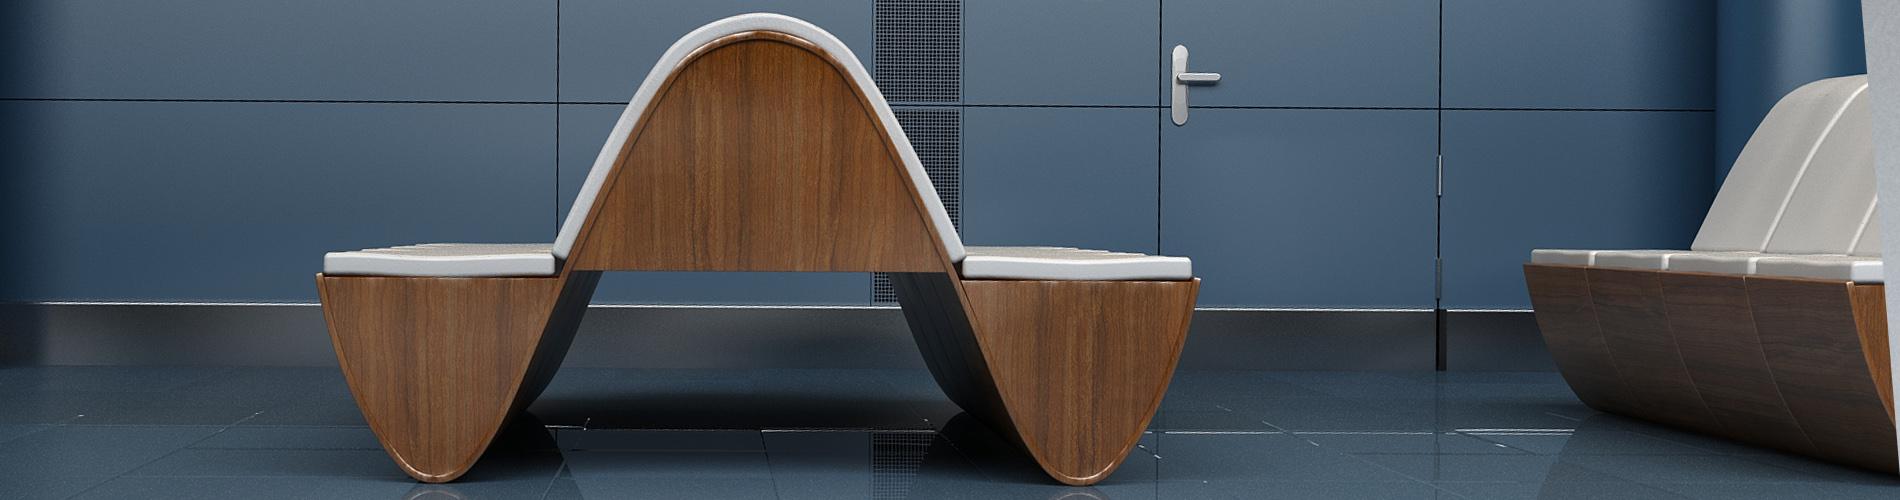 divano sofa unique legno design